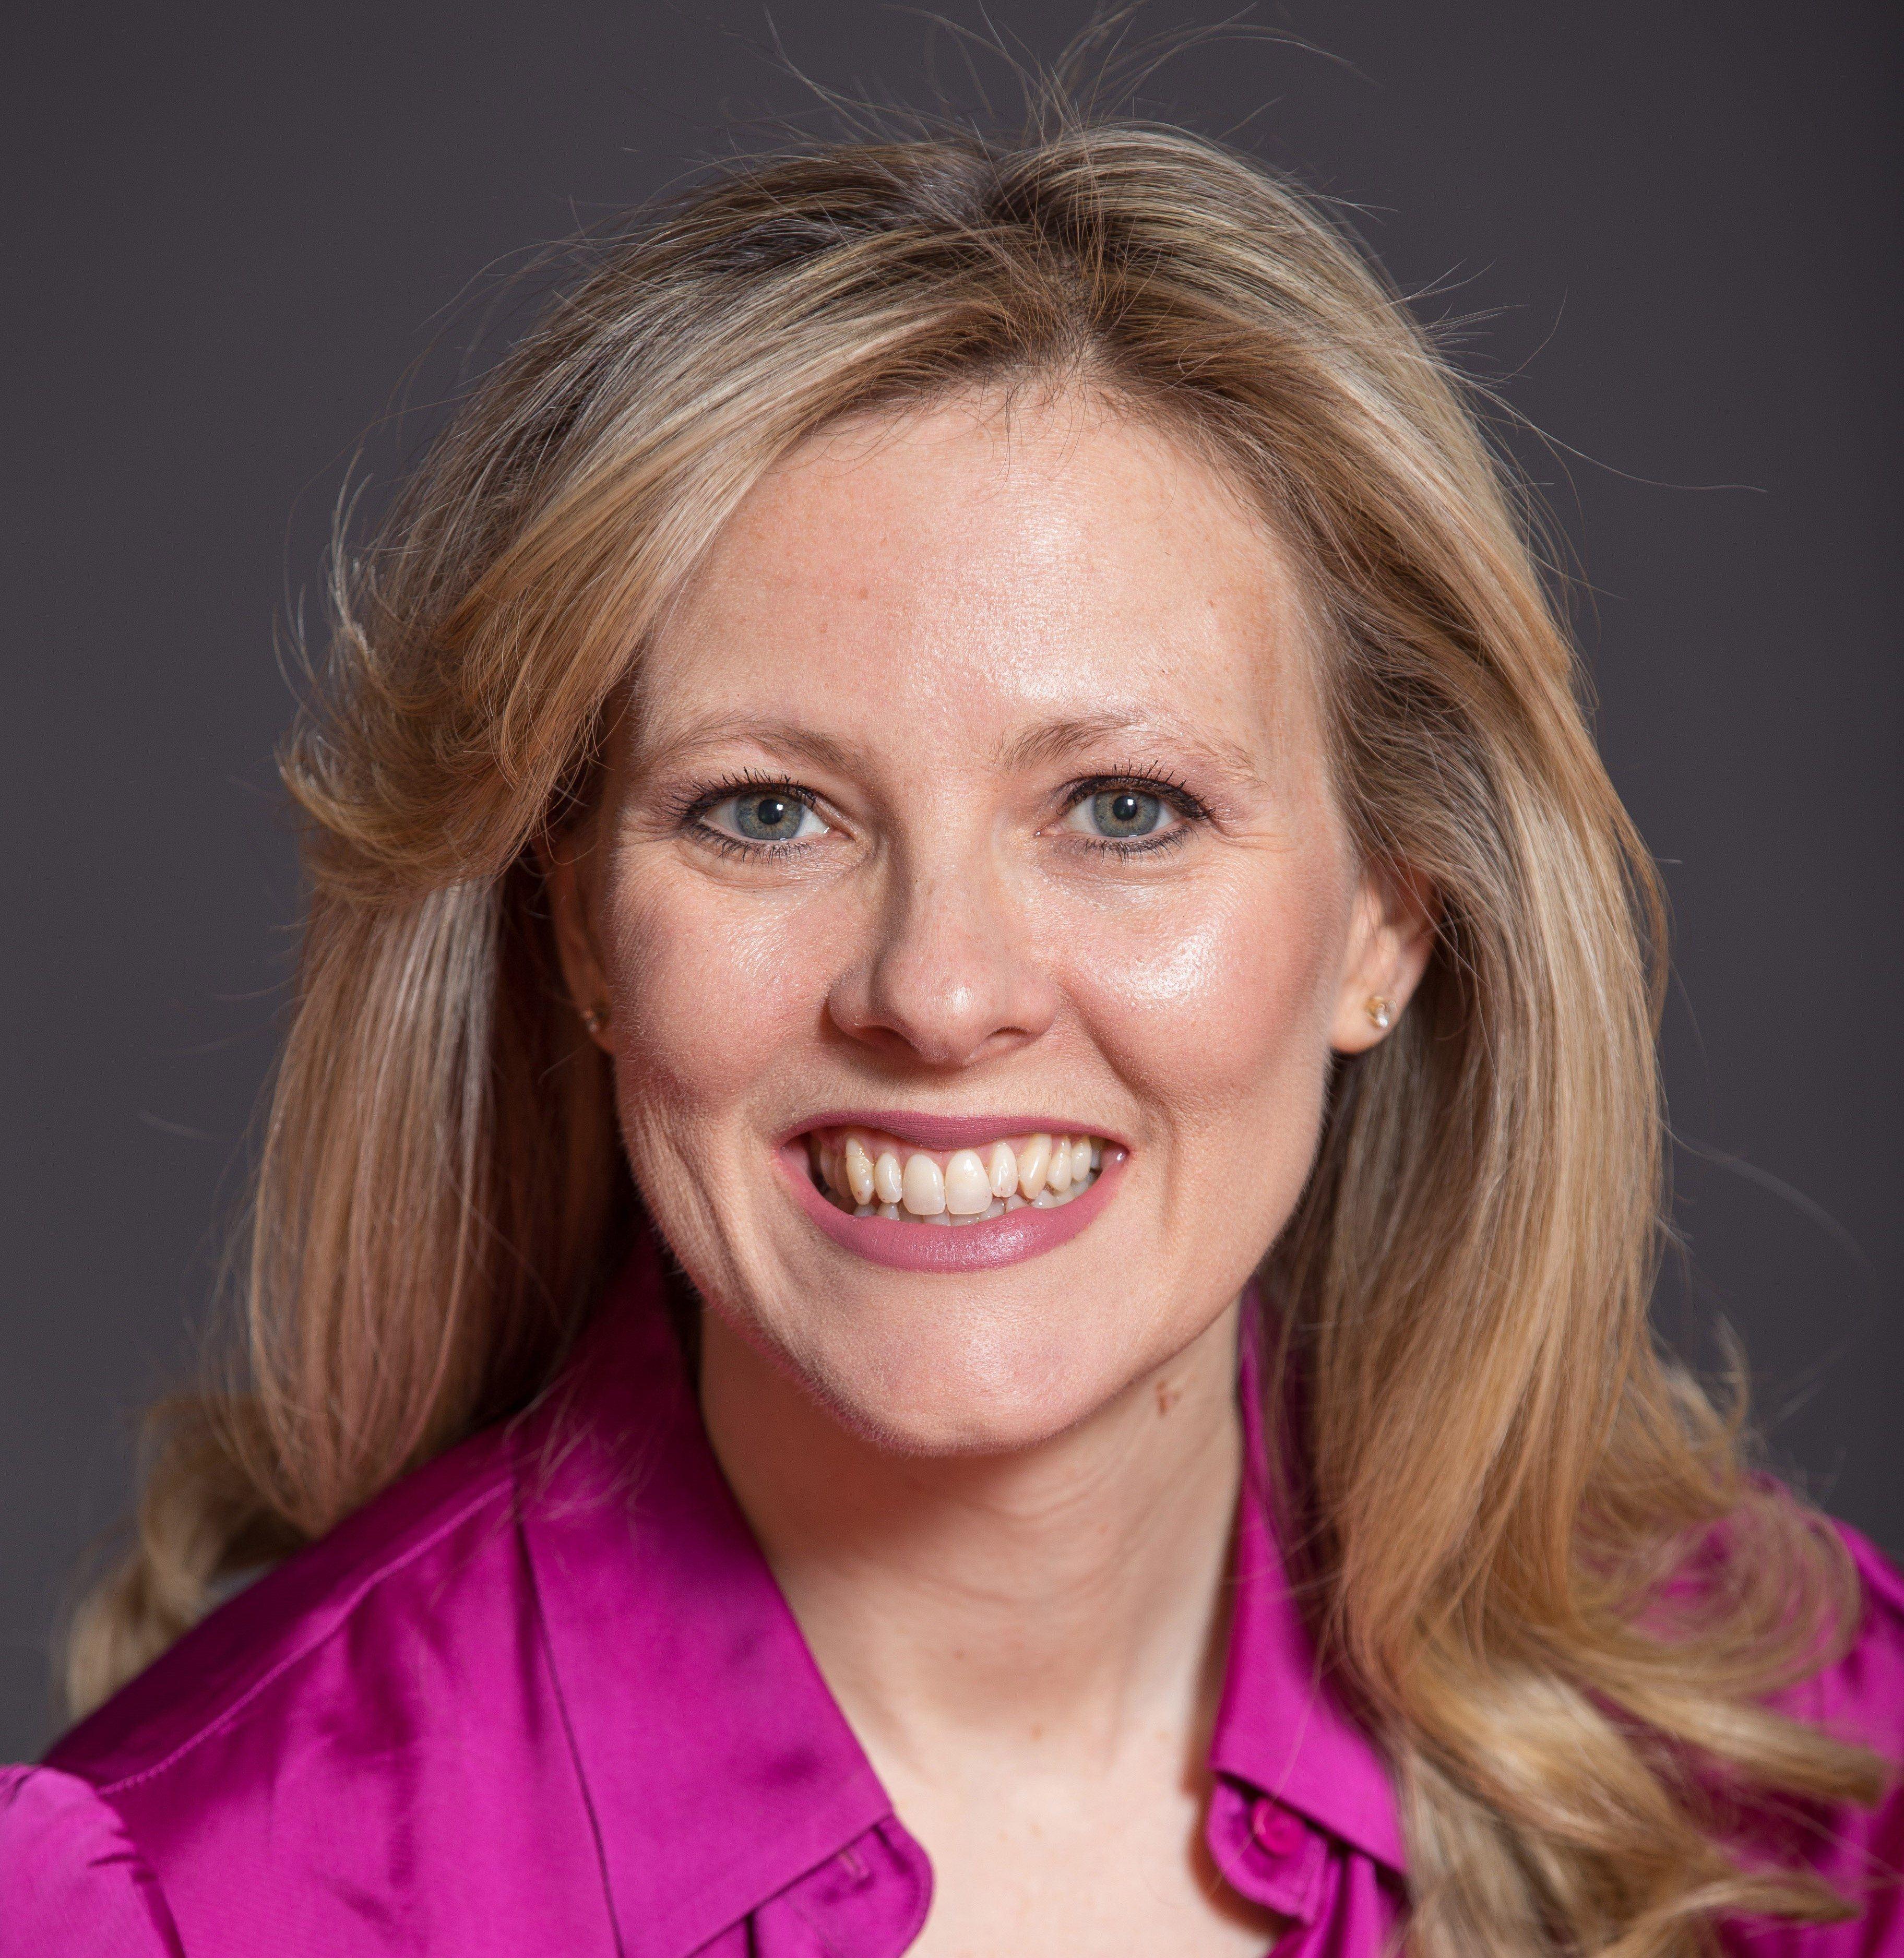 Belinda DiGiambattista